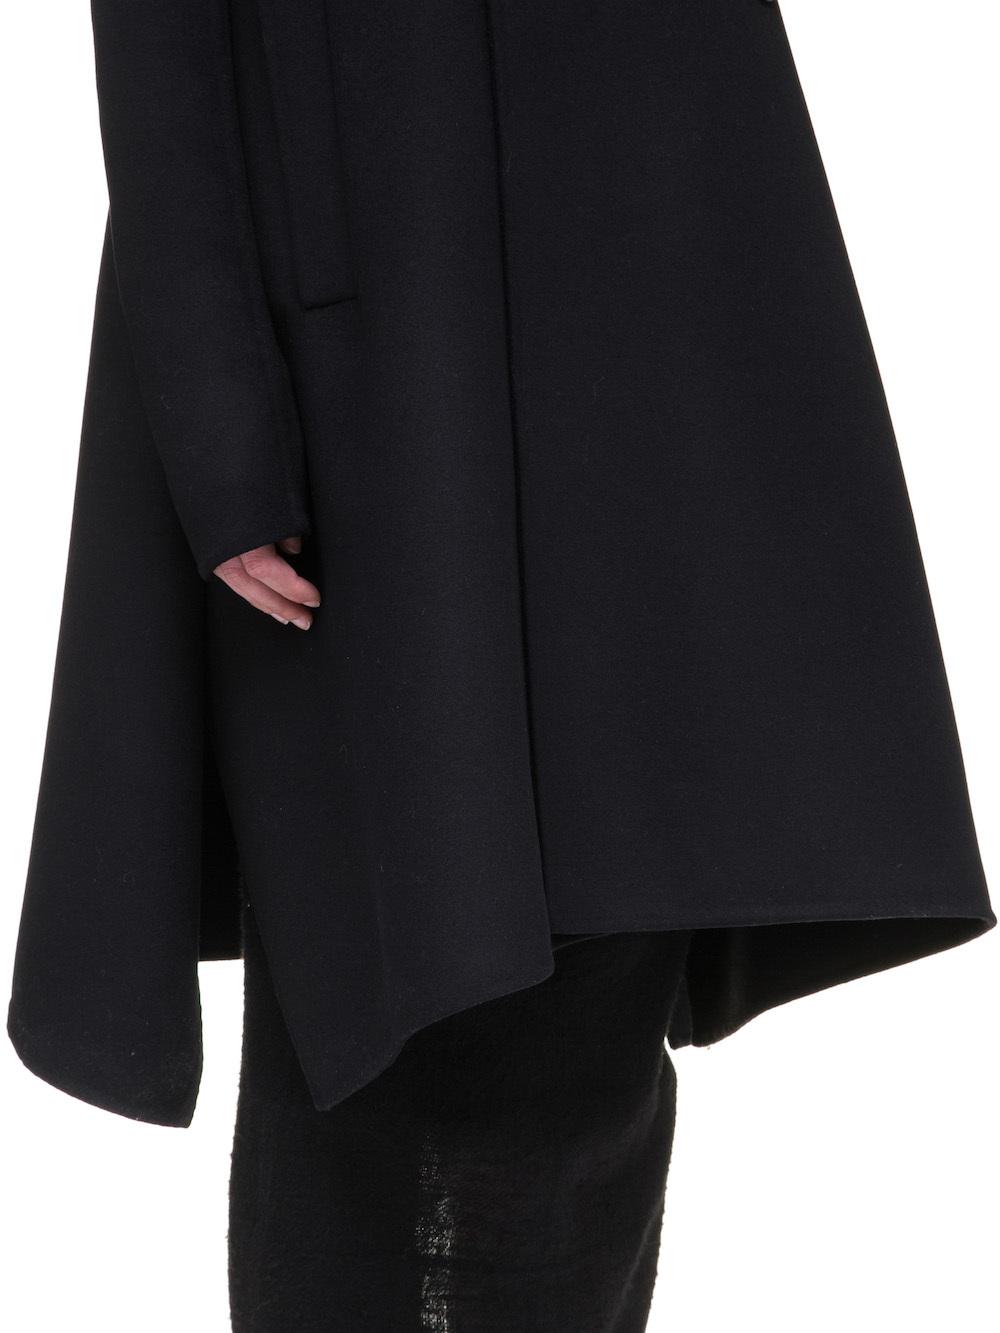 RICK OWENS JMF FAUN COAT IN BLACK DOUBLE WOOL